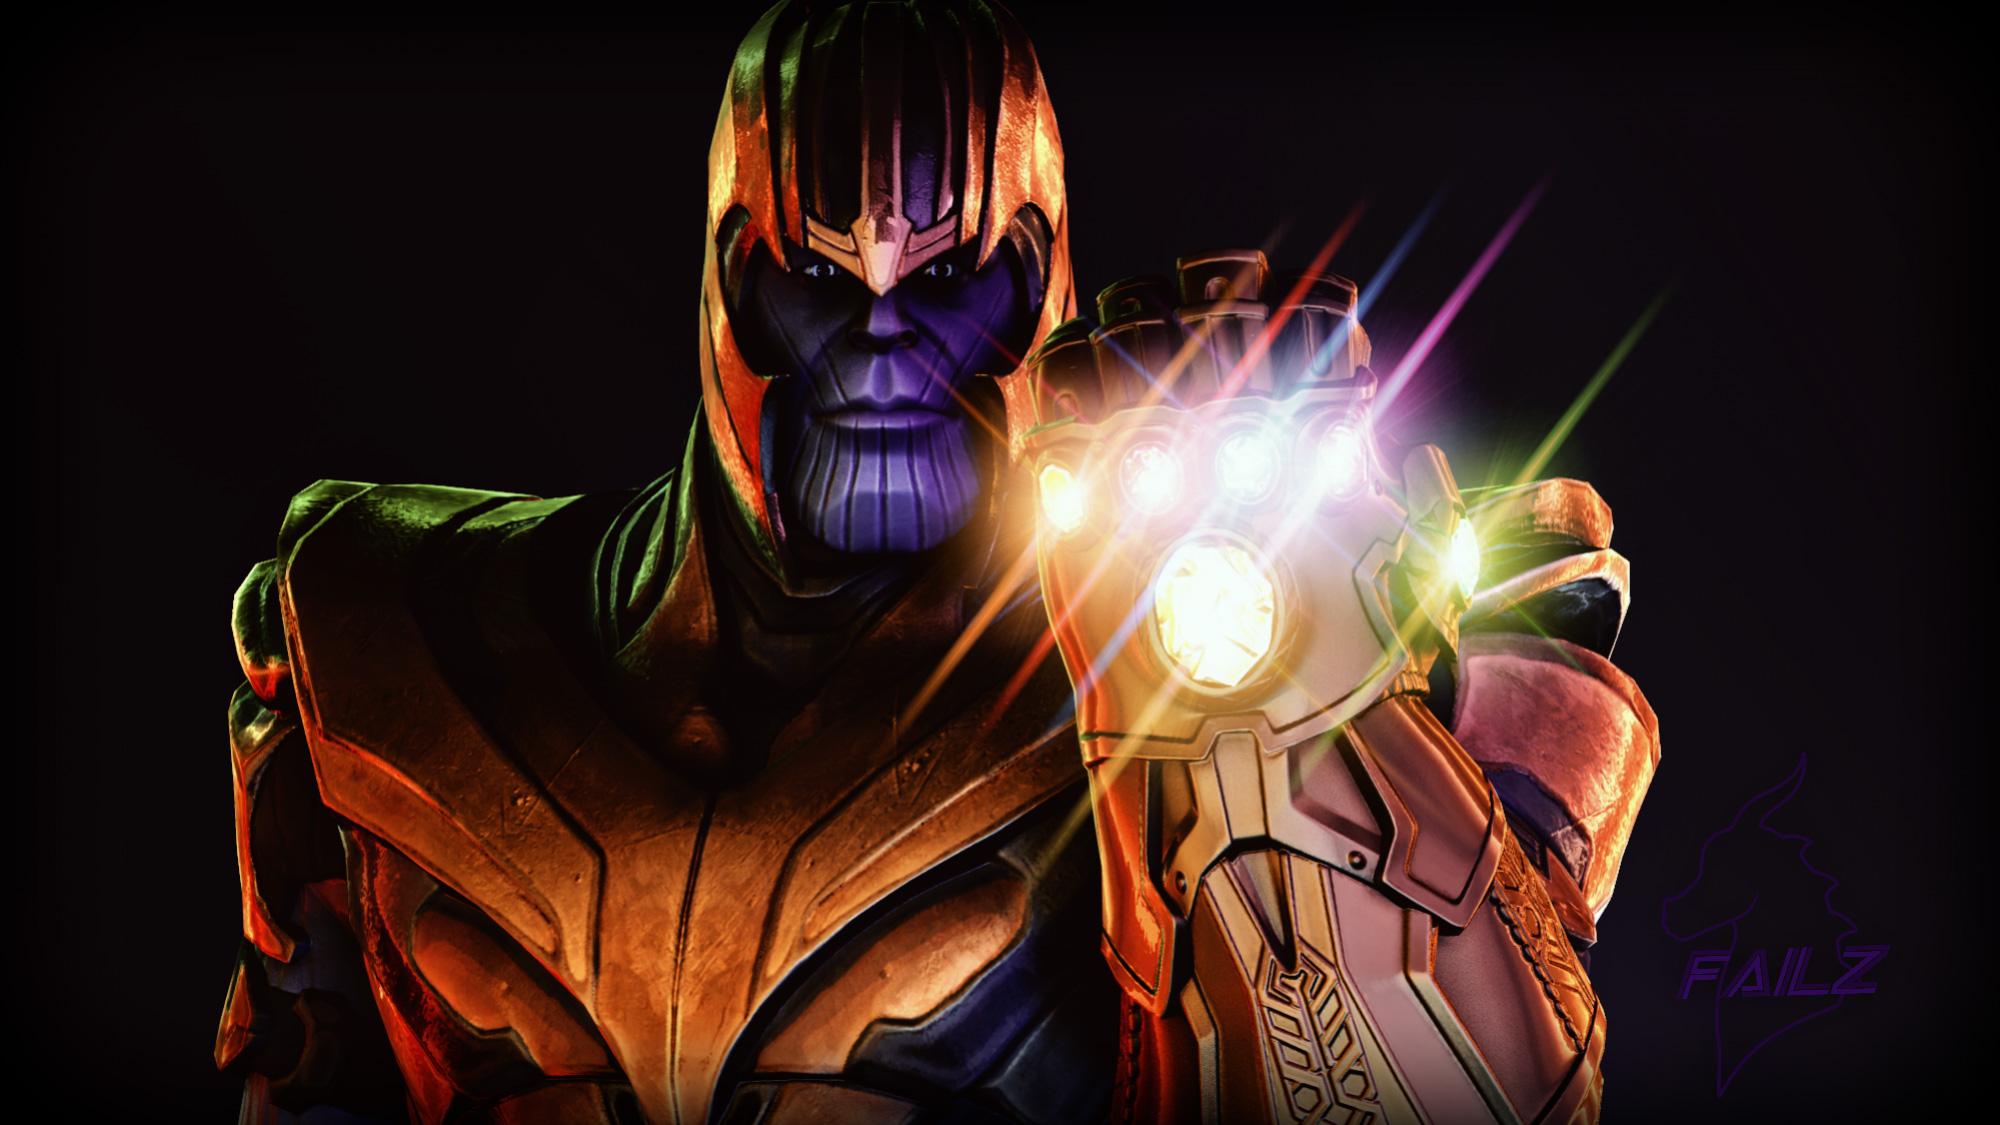 Wallpaper Thanos Avengers Infinity War Artwork Hd: Thanos Artwork 2018, HD Superheroes, 4k Wallpapers, Images